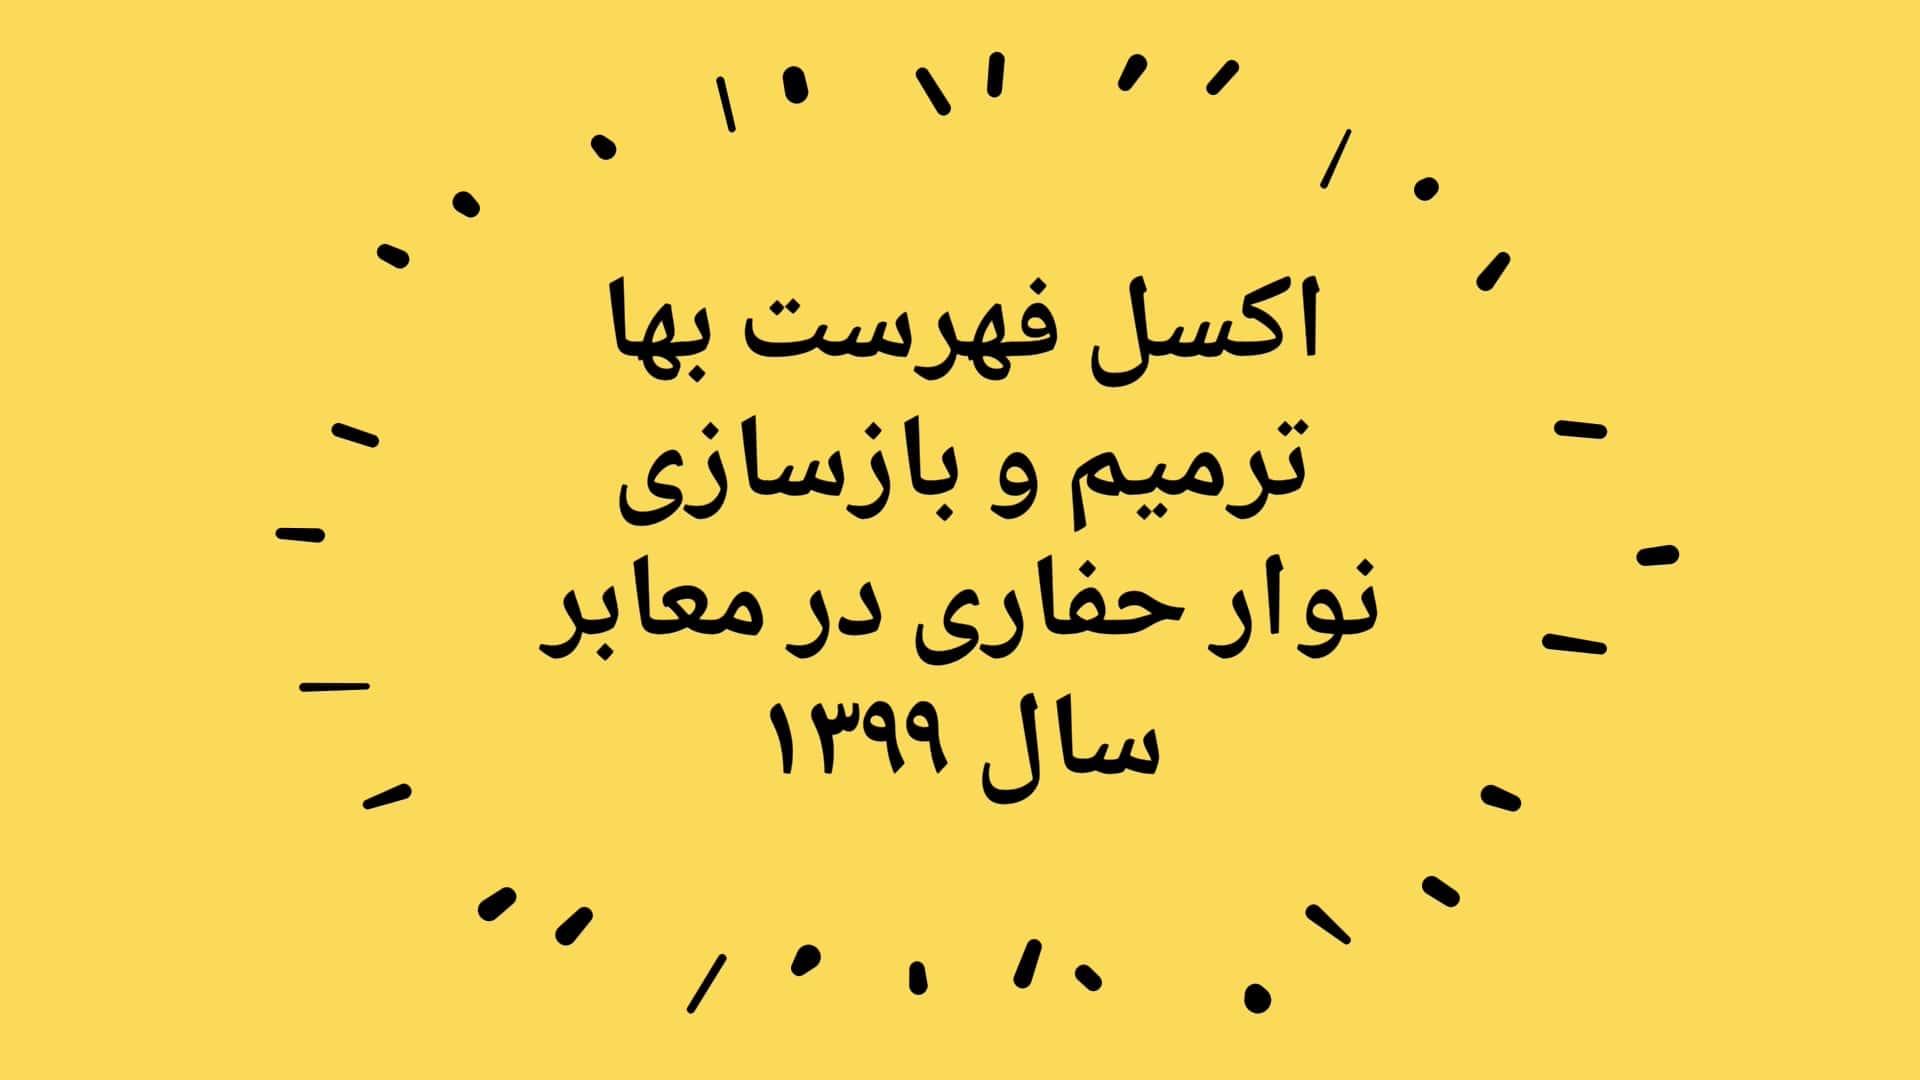 اکسل فهرست بها ترمیم و بازسازی نوار حفاری در معابر سال 1399